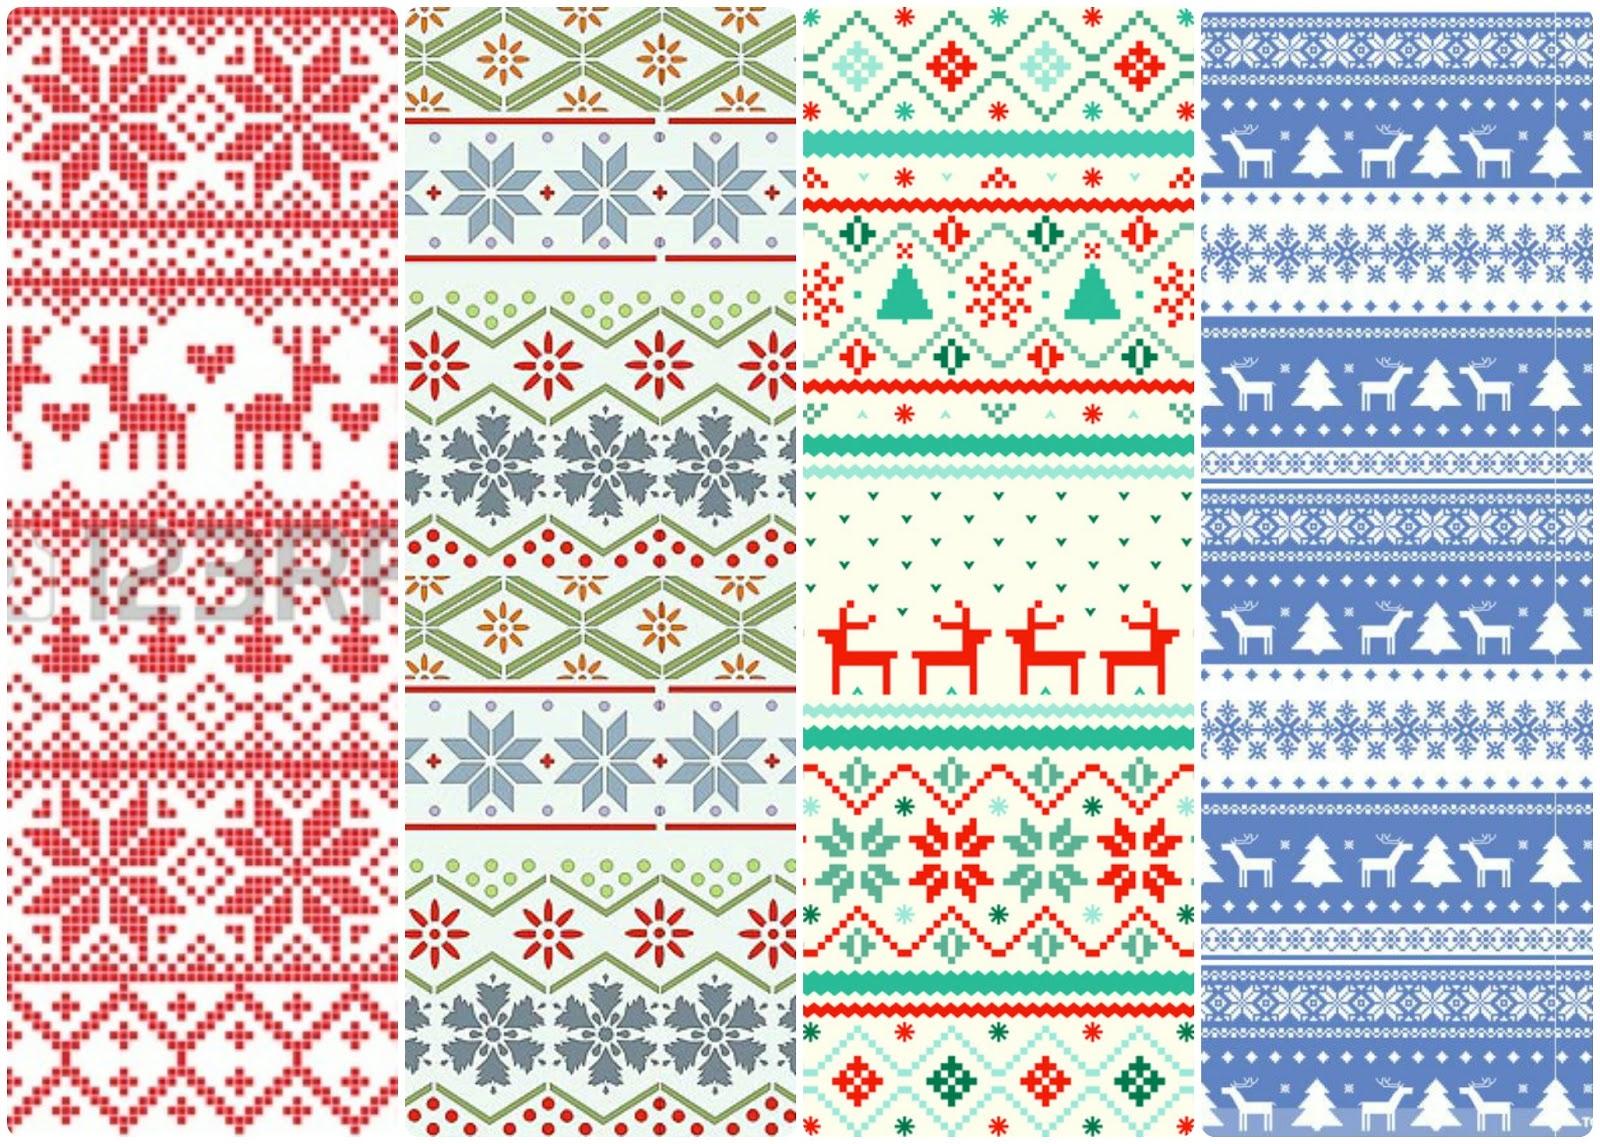 Fondos Para Pantallas De Grinch Para Navidad: Fondos De Pantalla Chulos Para El Móvil (9)